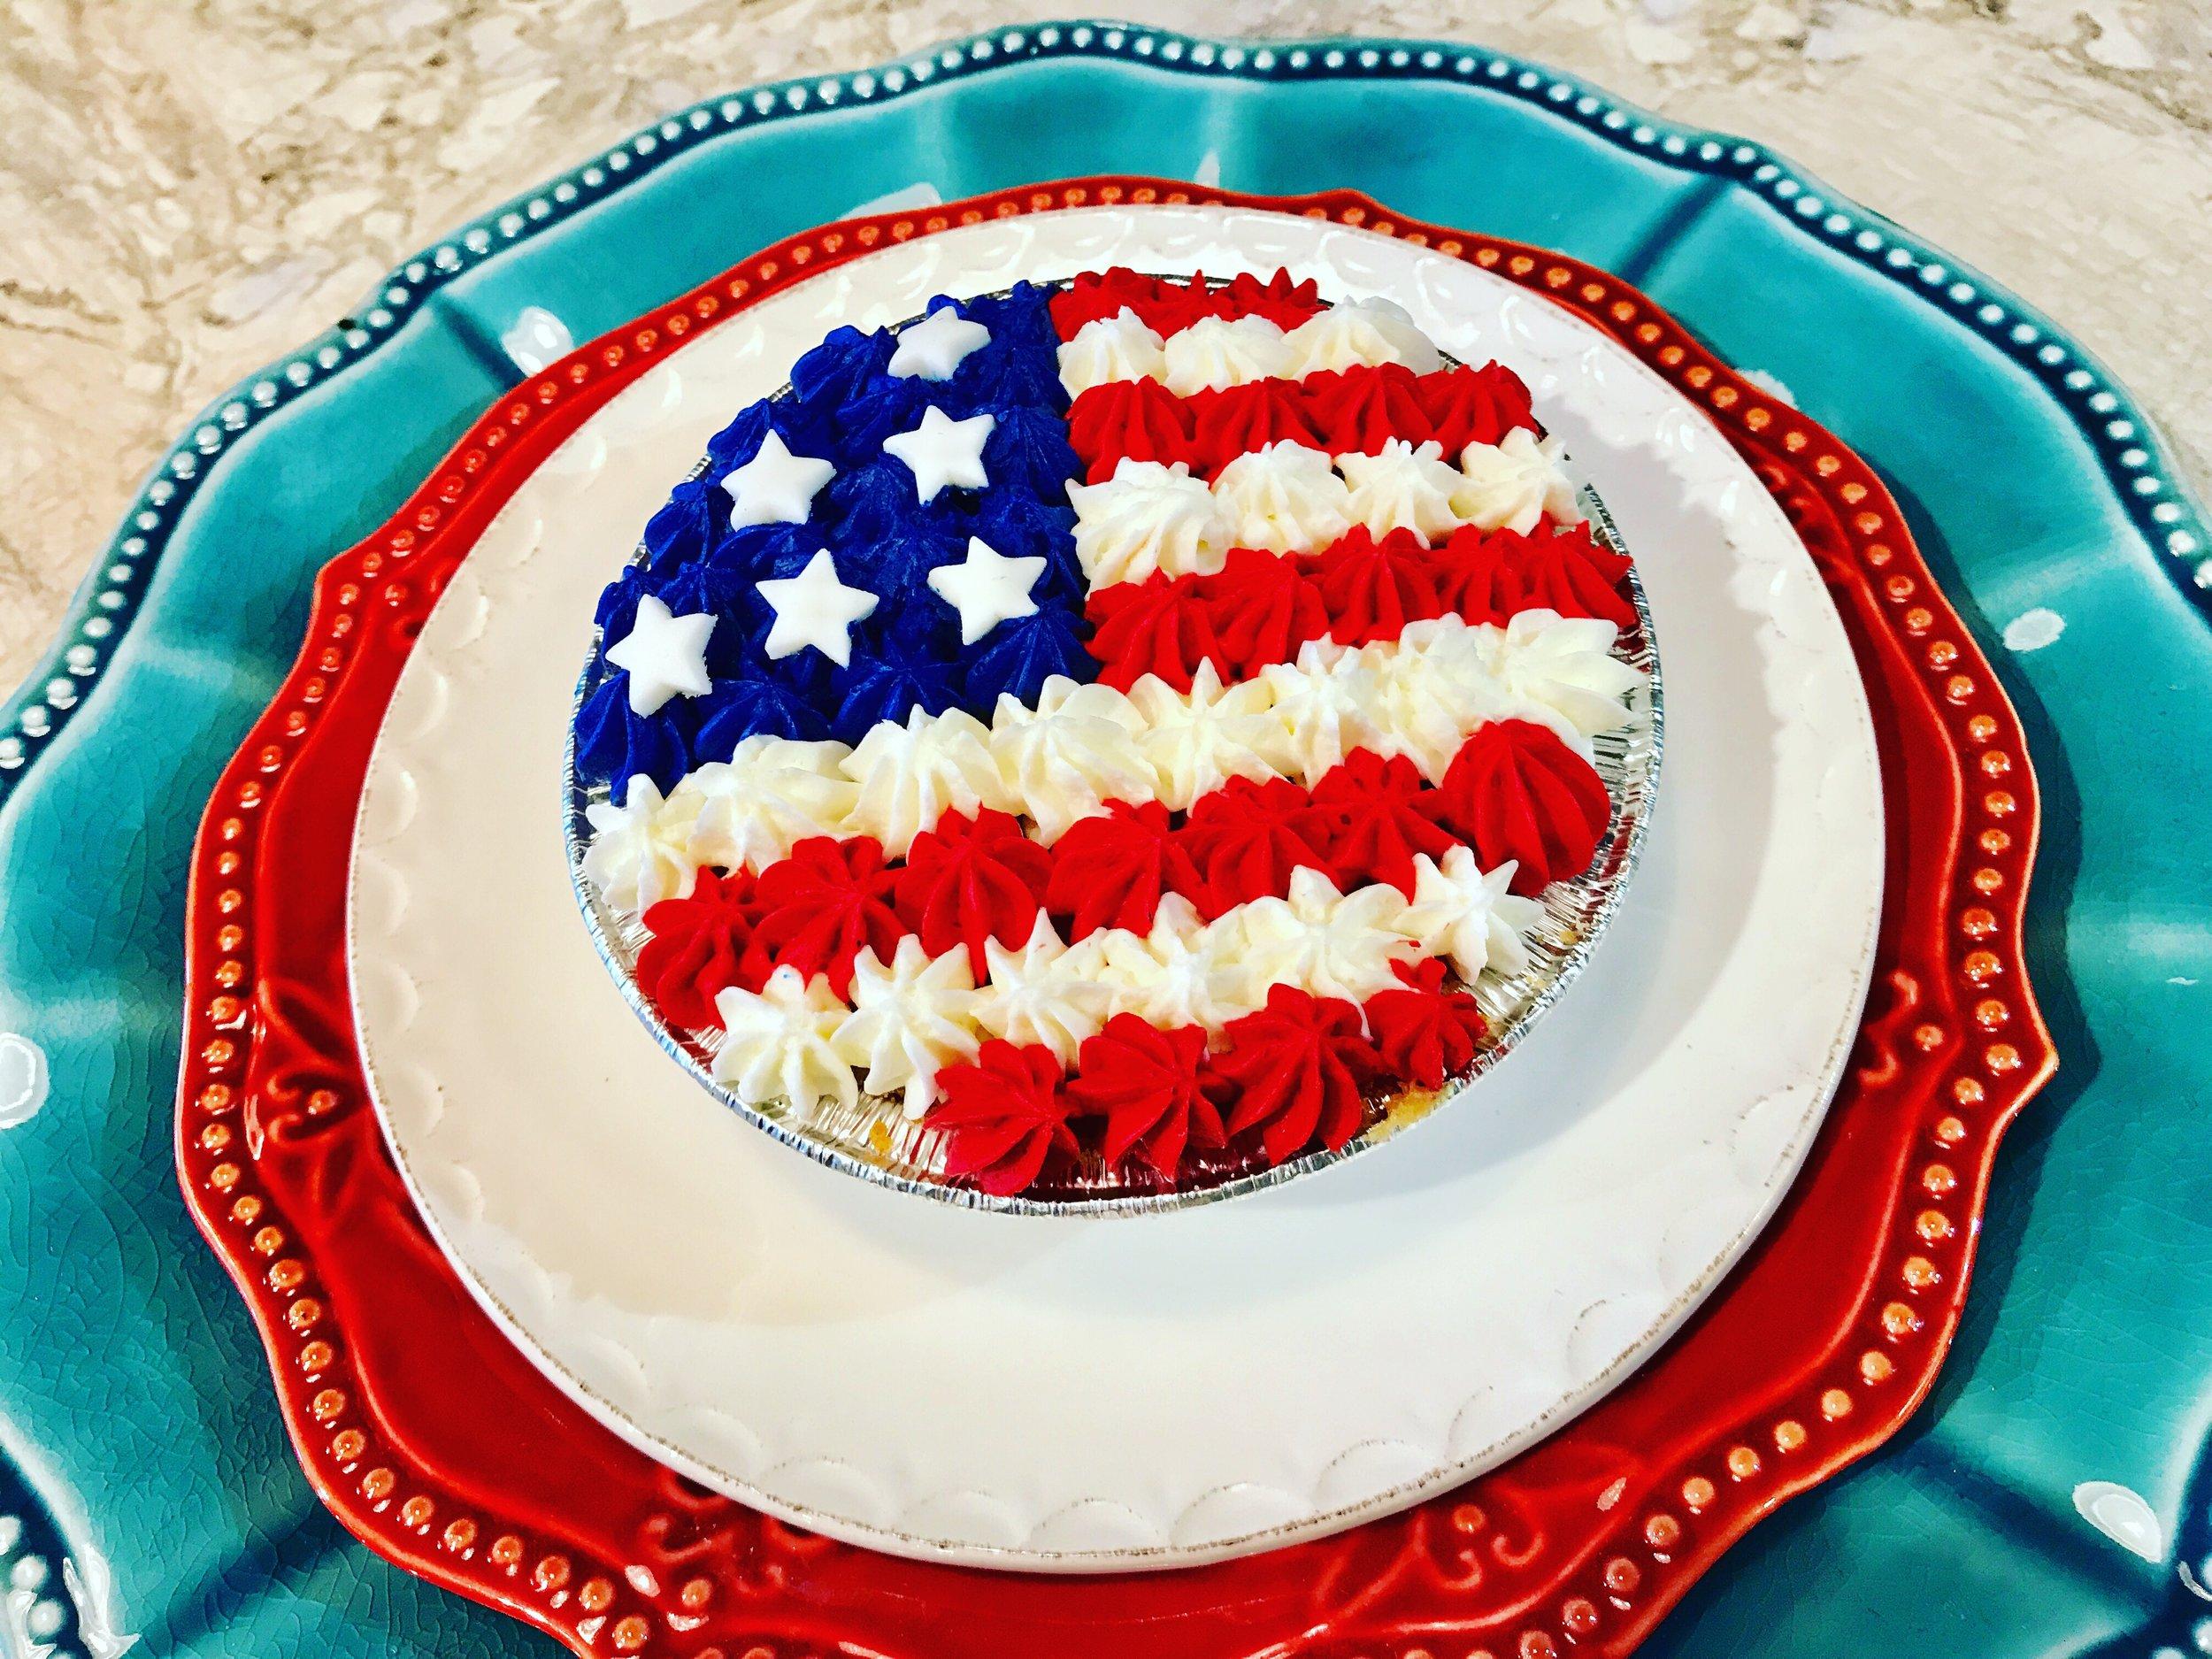 Patriotic PB&J Pie